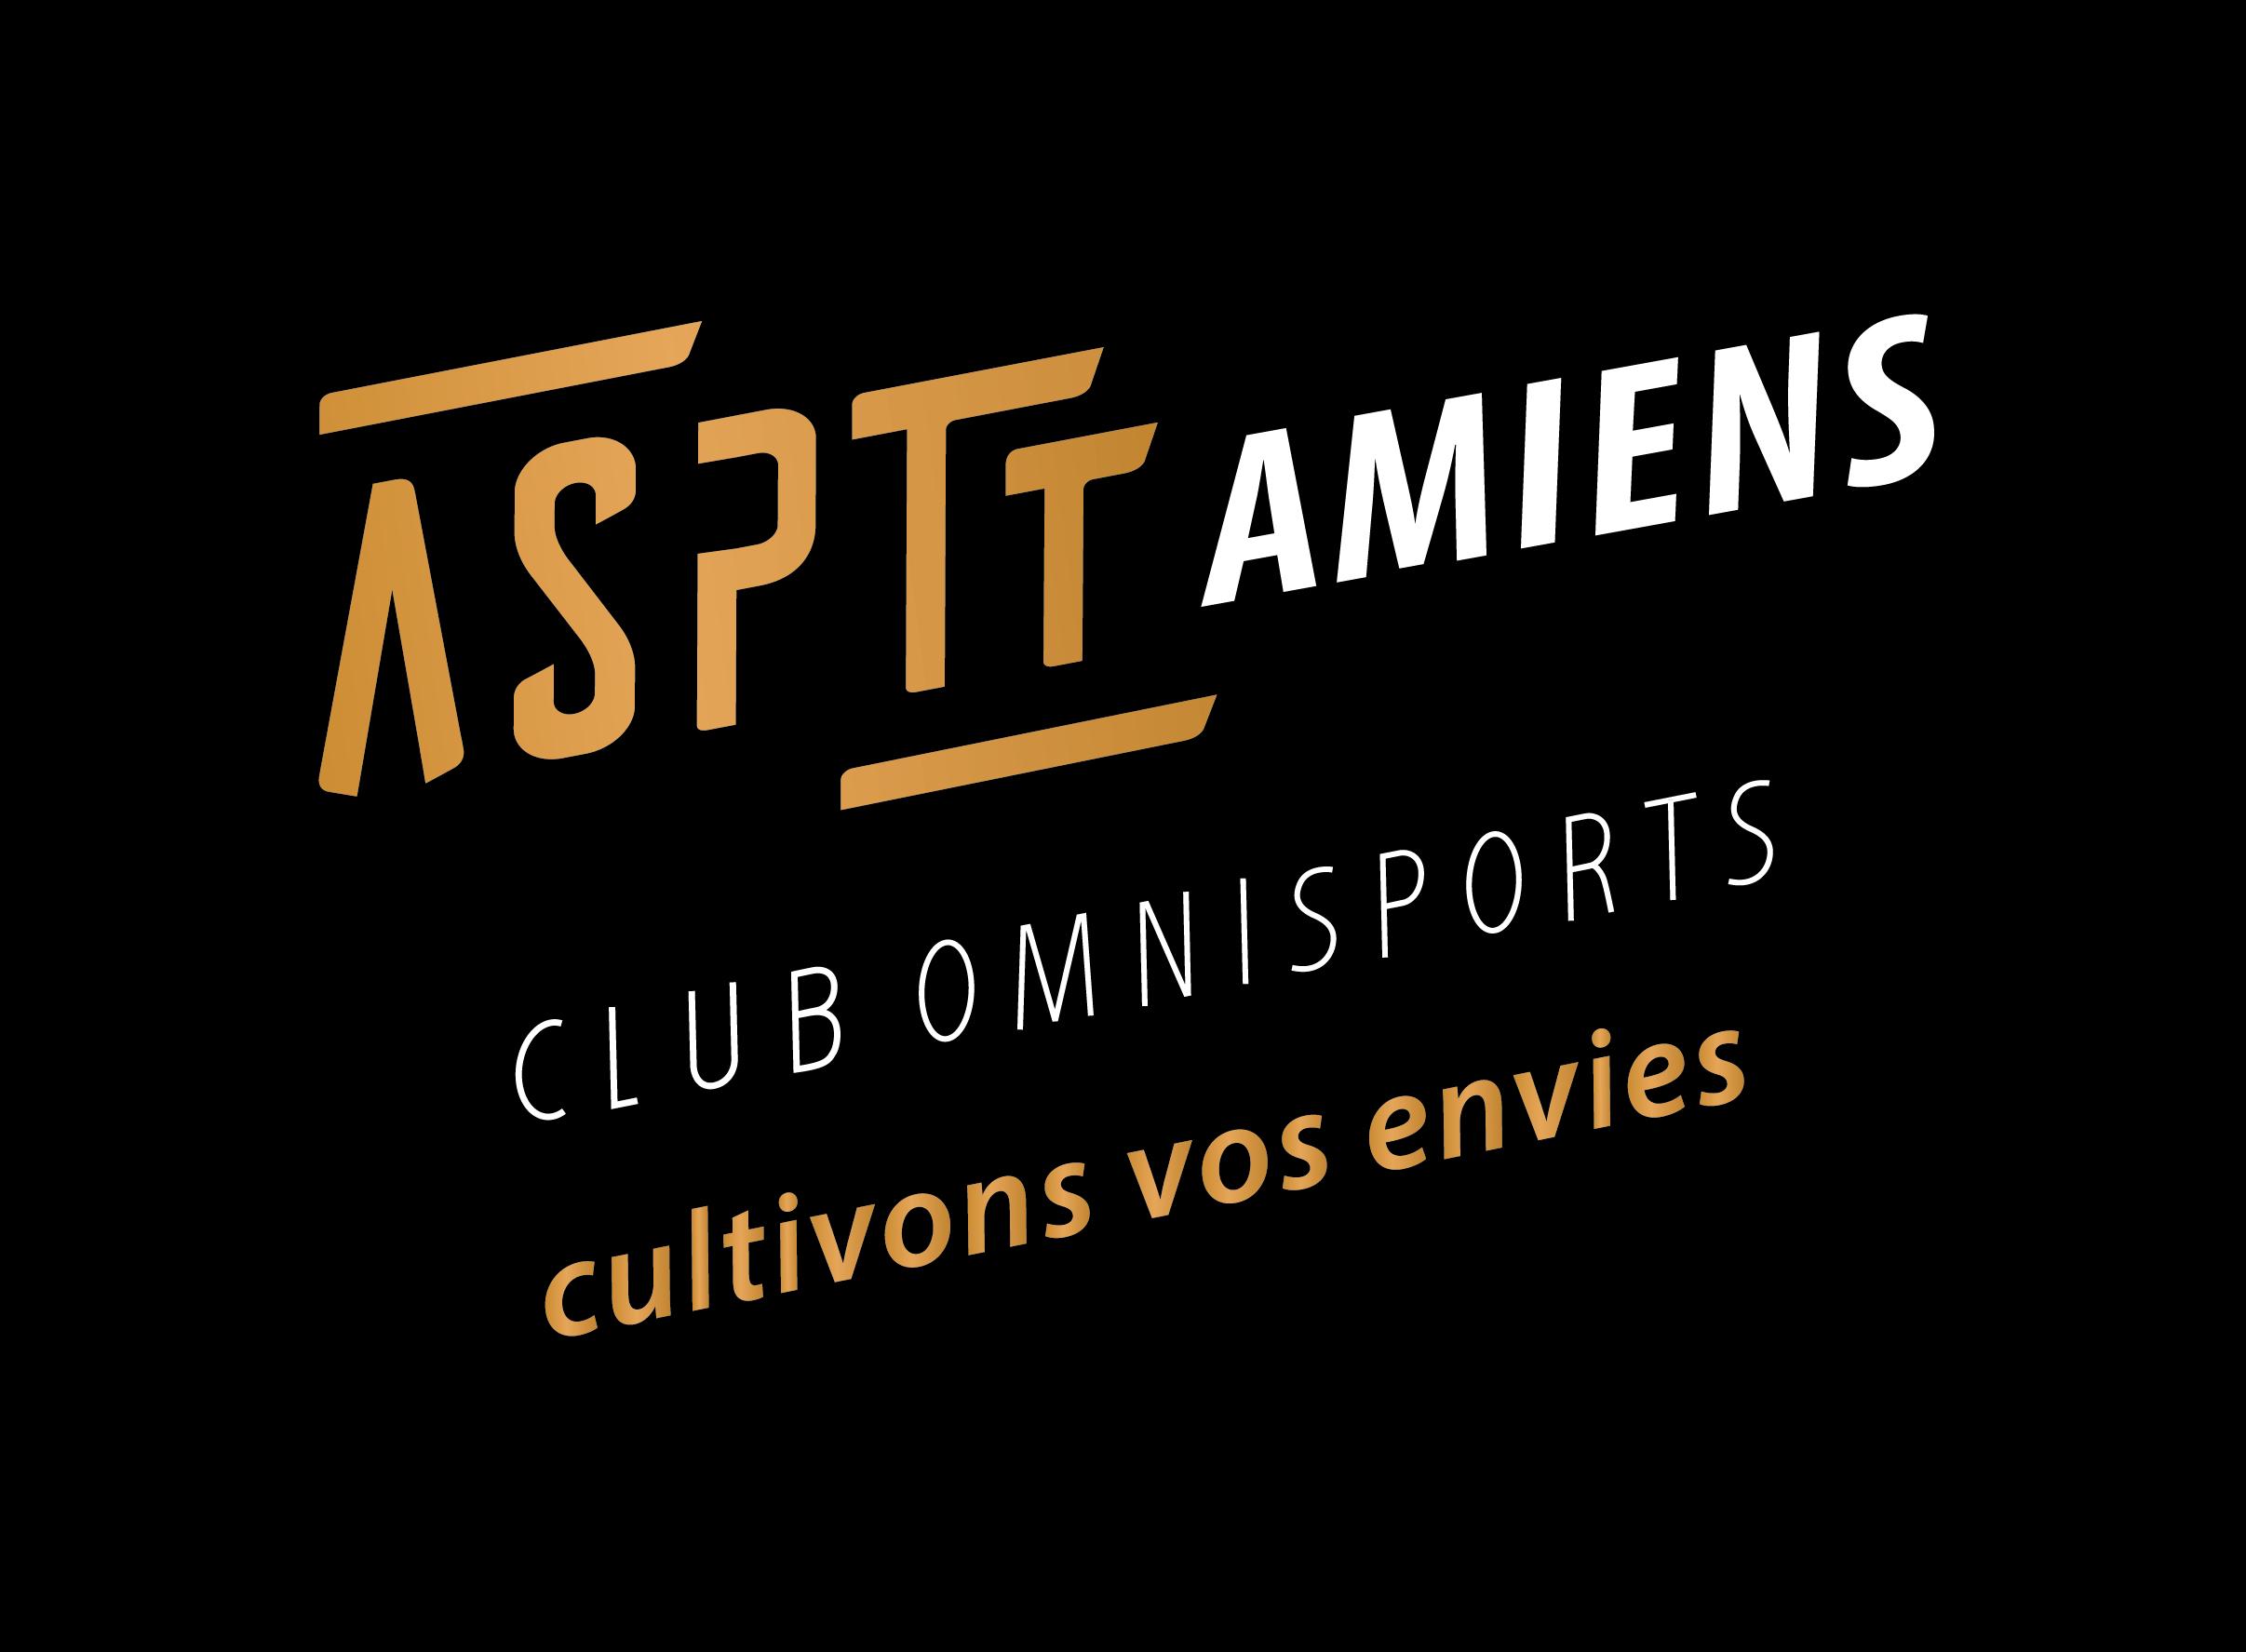 ASPTT Amiens